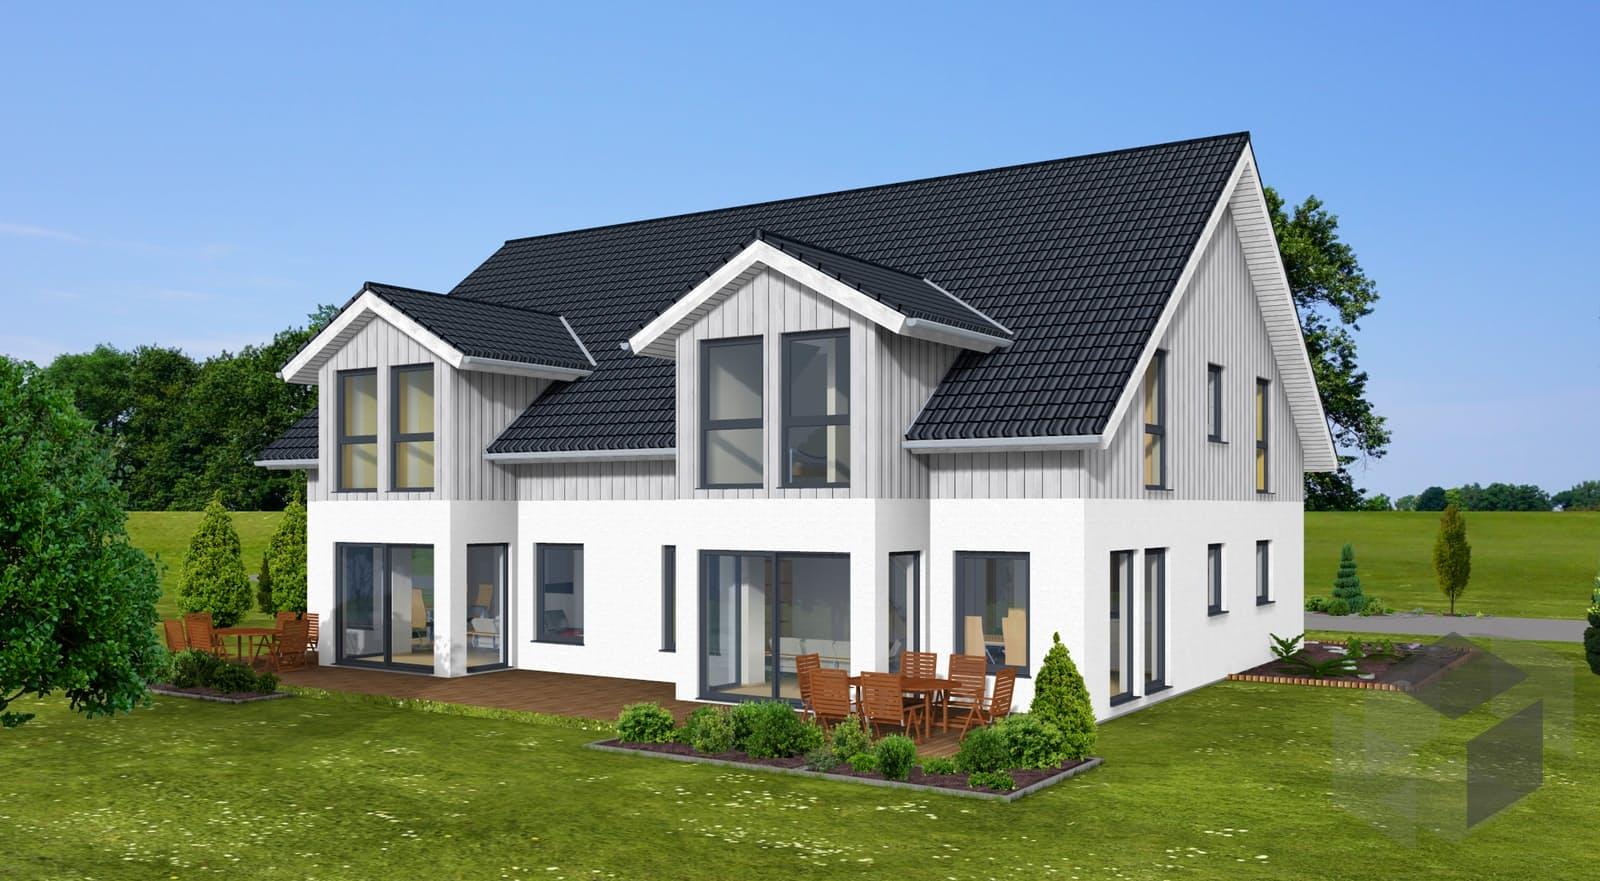 doppelhaus 144 inactive von zimmermann haus komplette daten bersicht. Black Bedroom Furniture Sets. Home Design Ideas